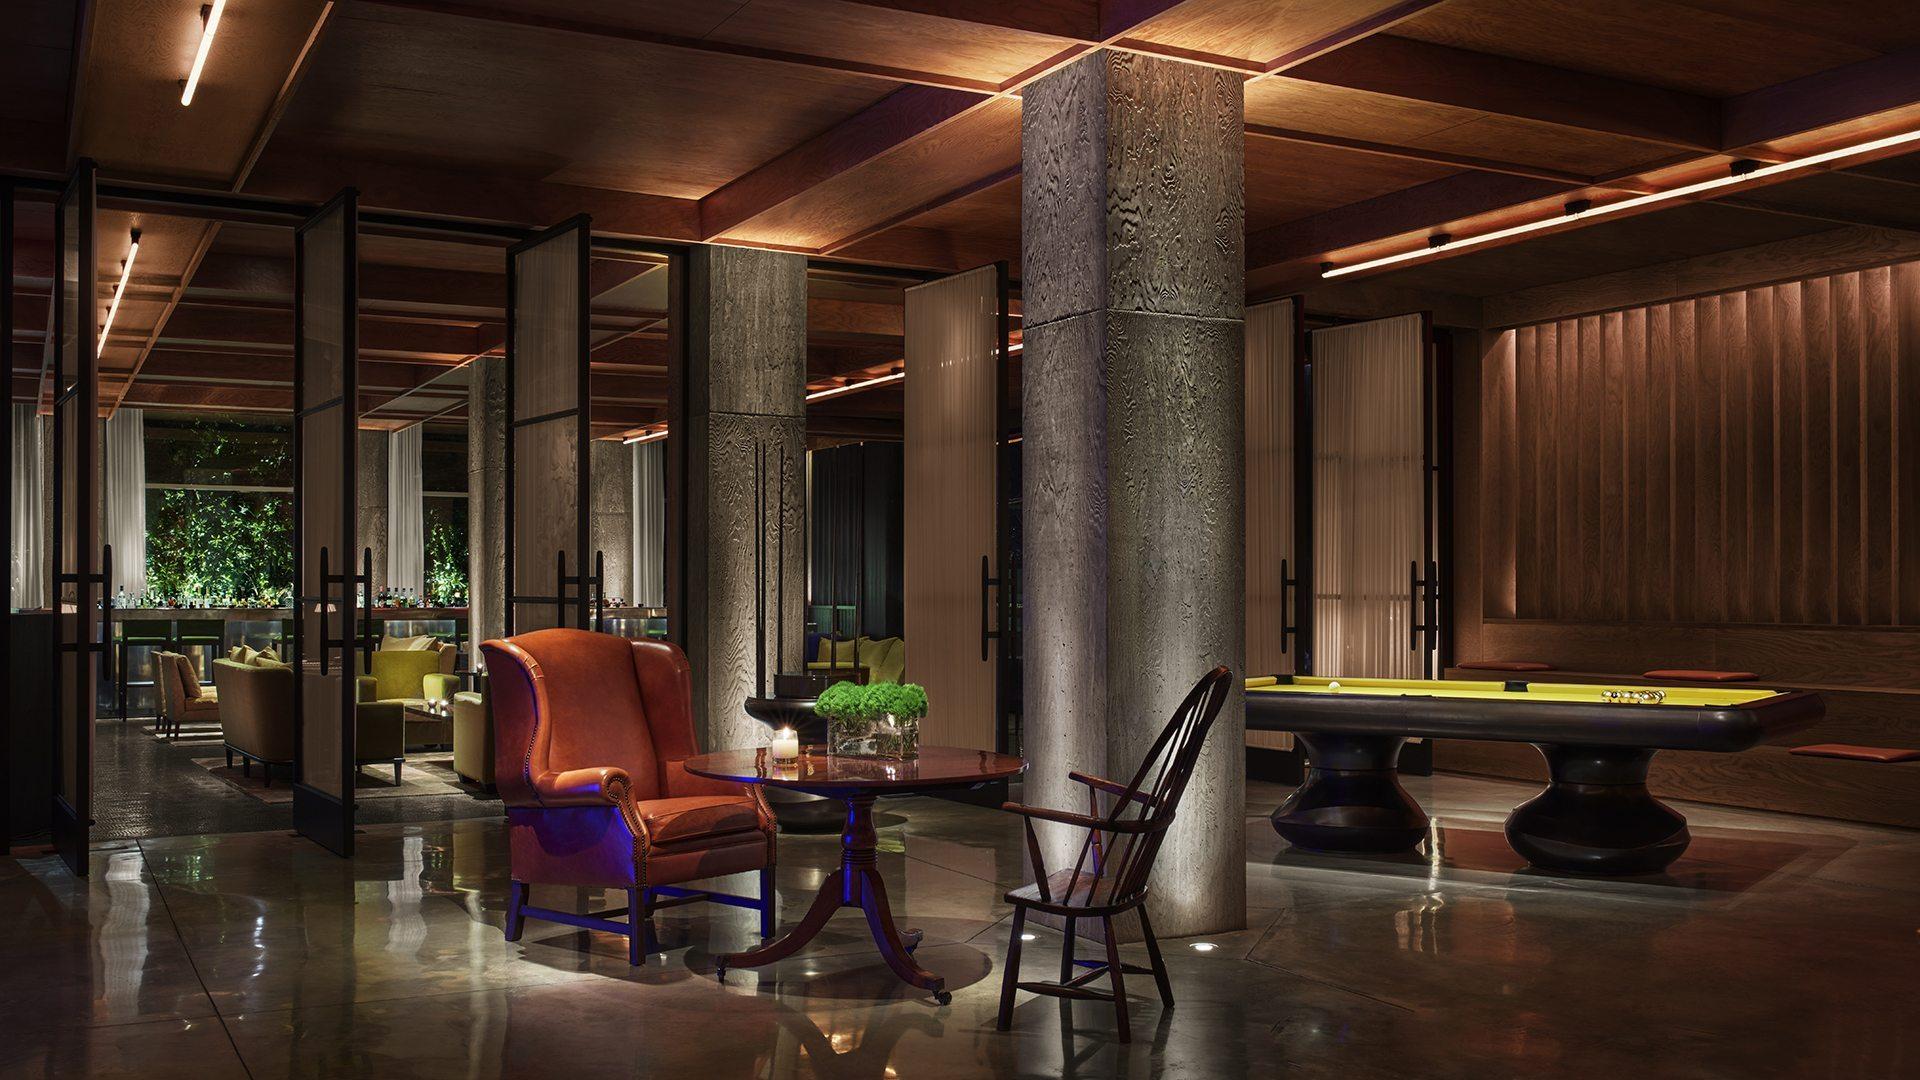 Das wohl angesagteste Hotel in SoHo, NYC: Das Public Hotel von Studio 54-Gründer Ian Schrager 5